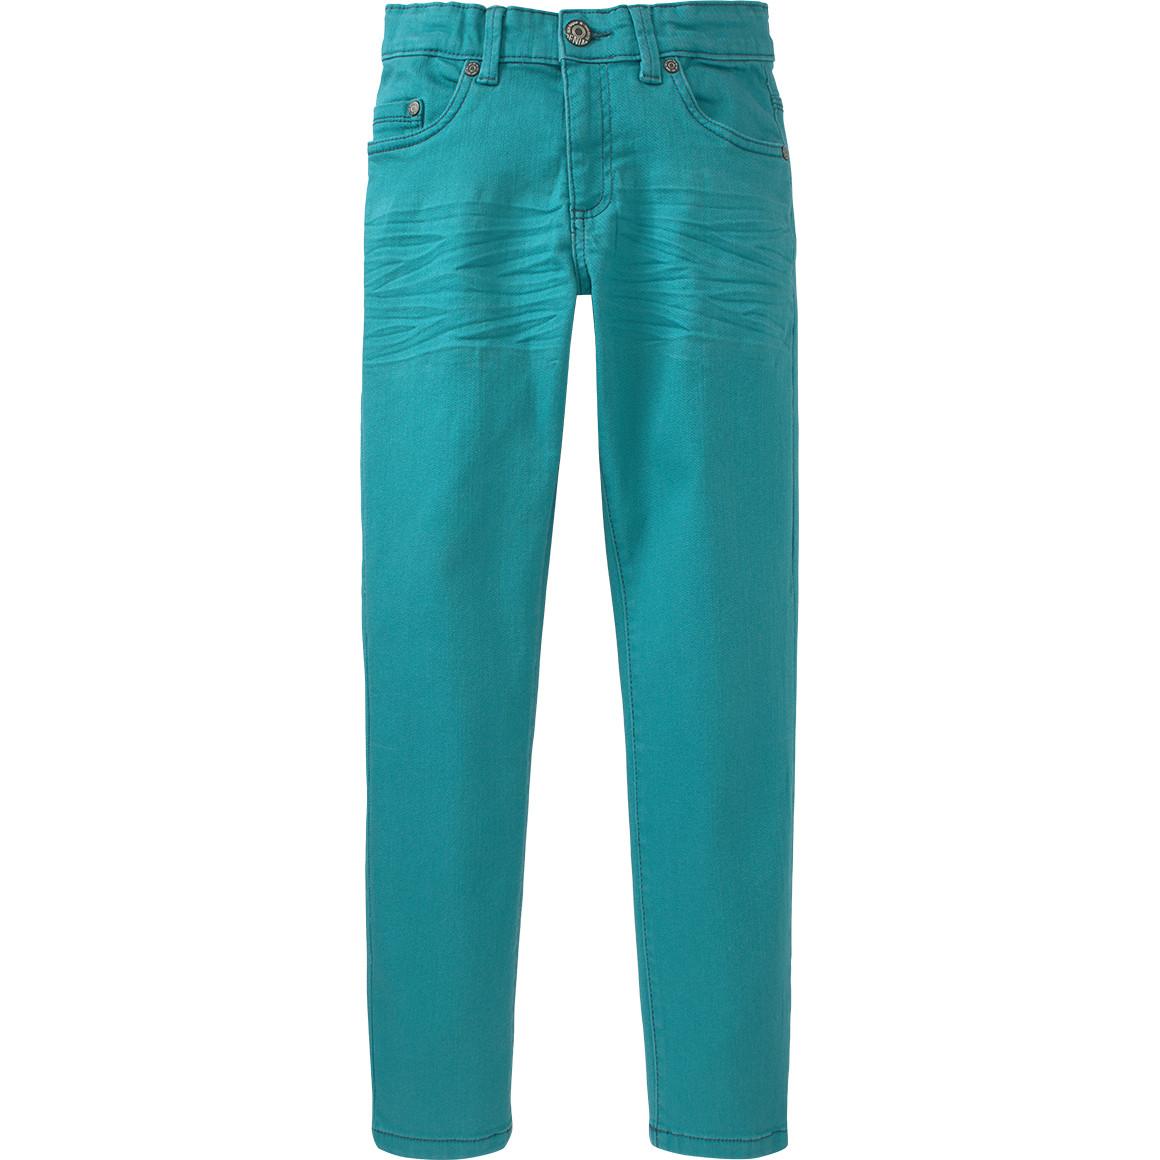 Jungen Hose aus türkisem Jeansstoff